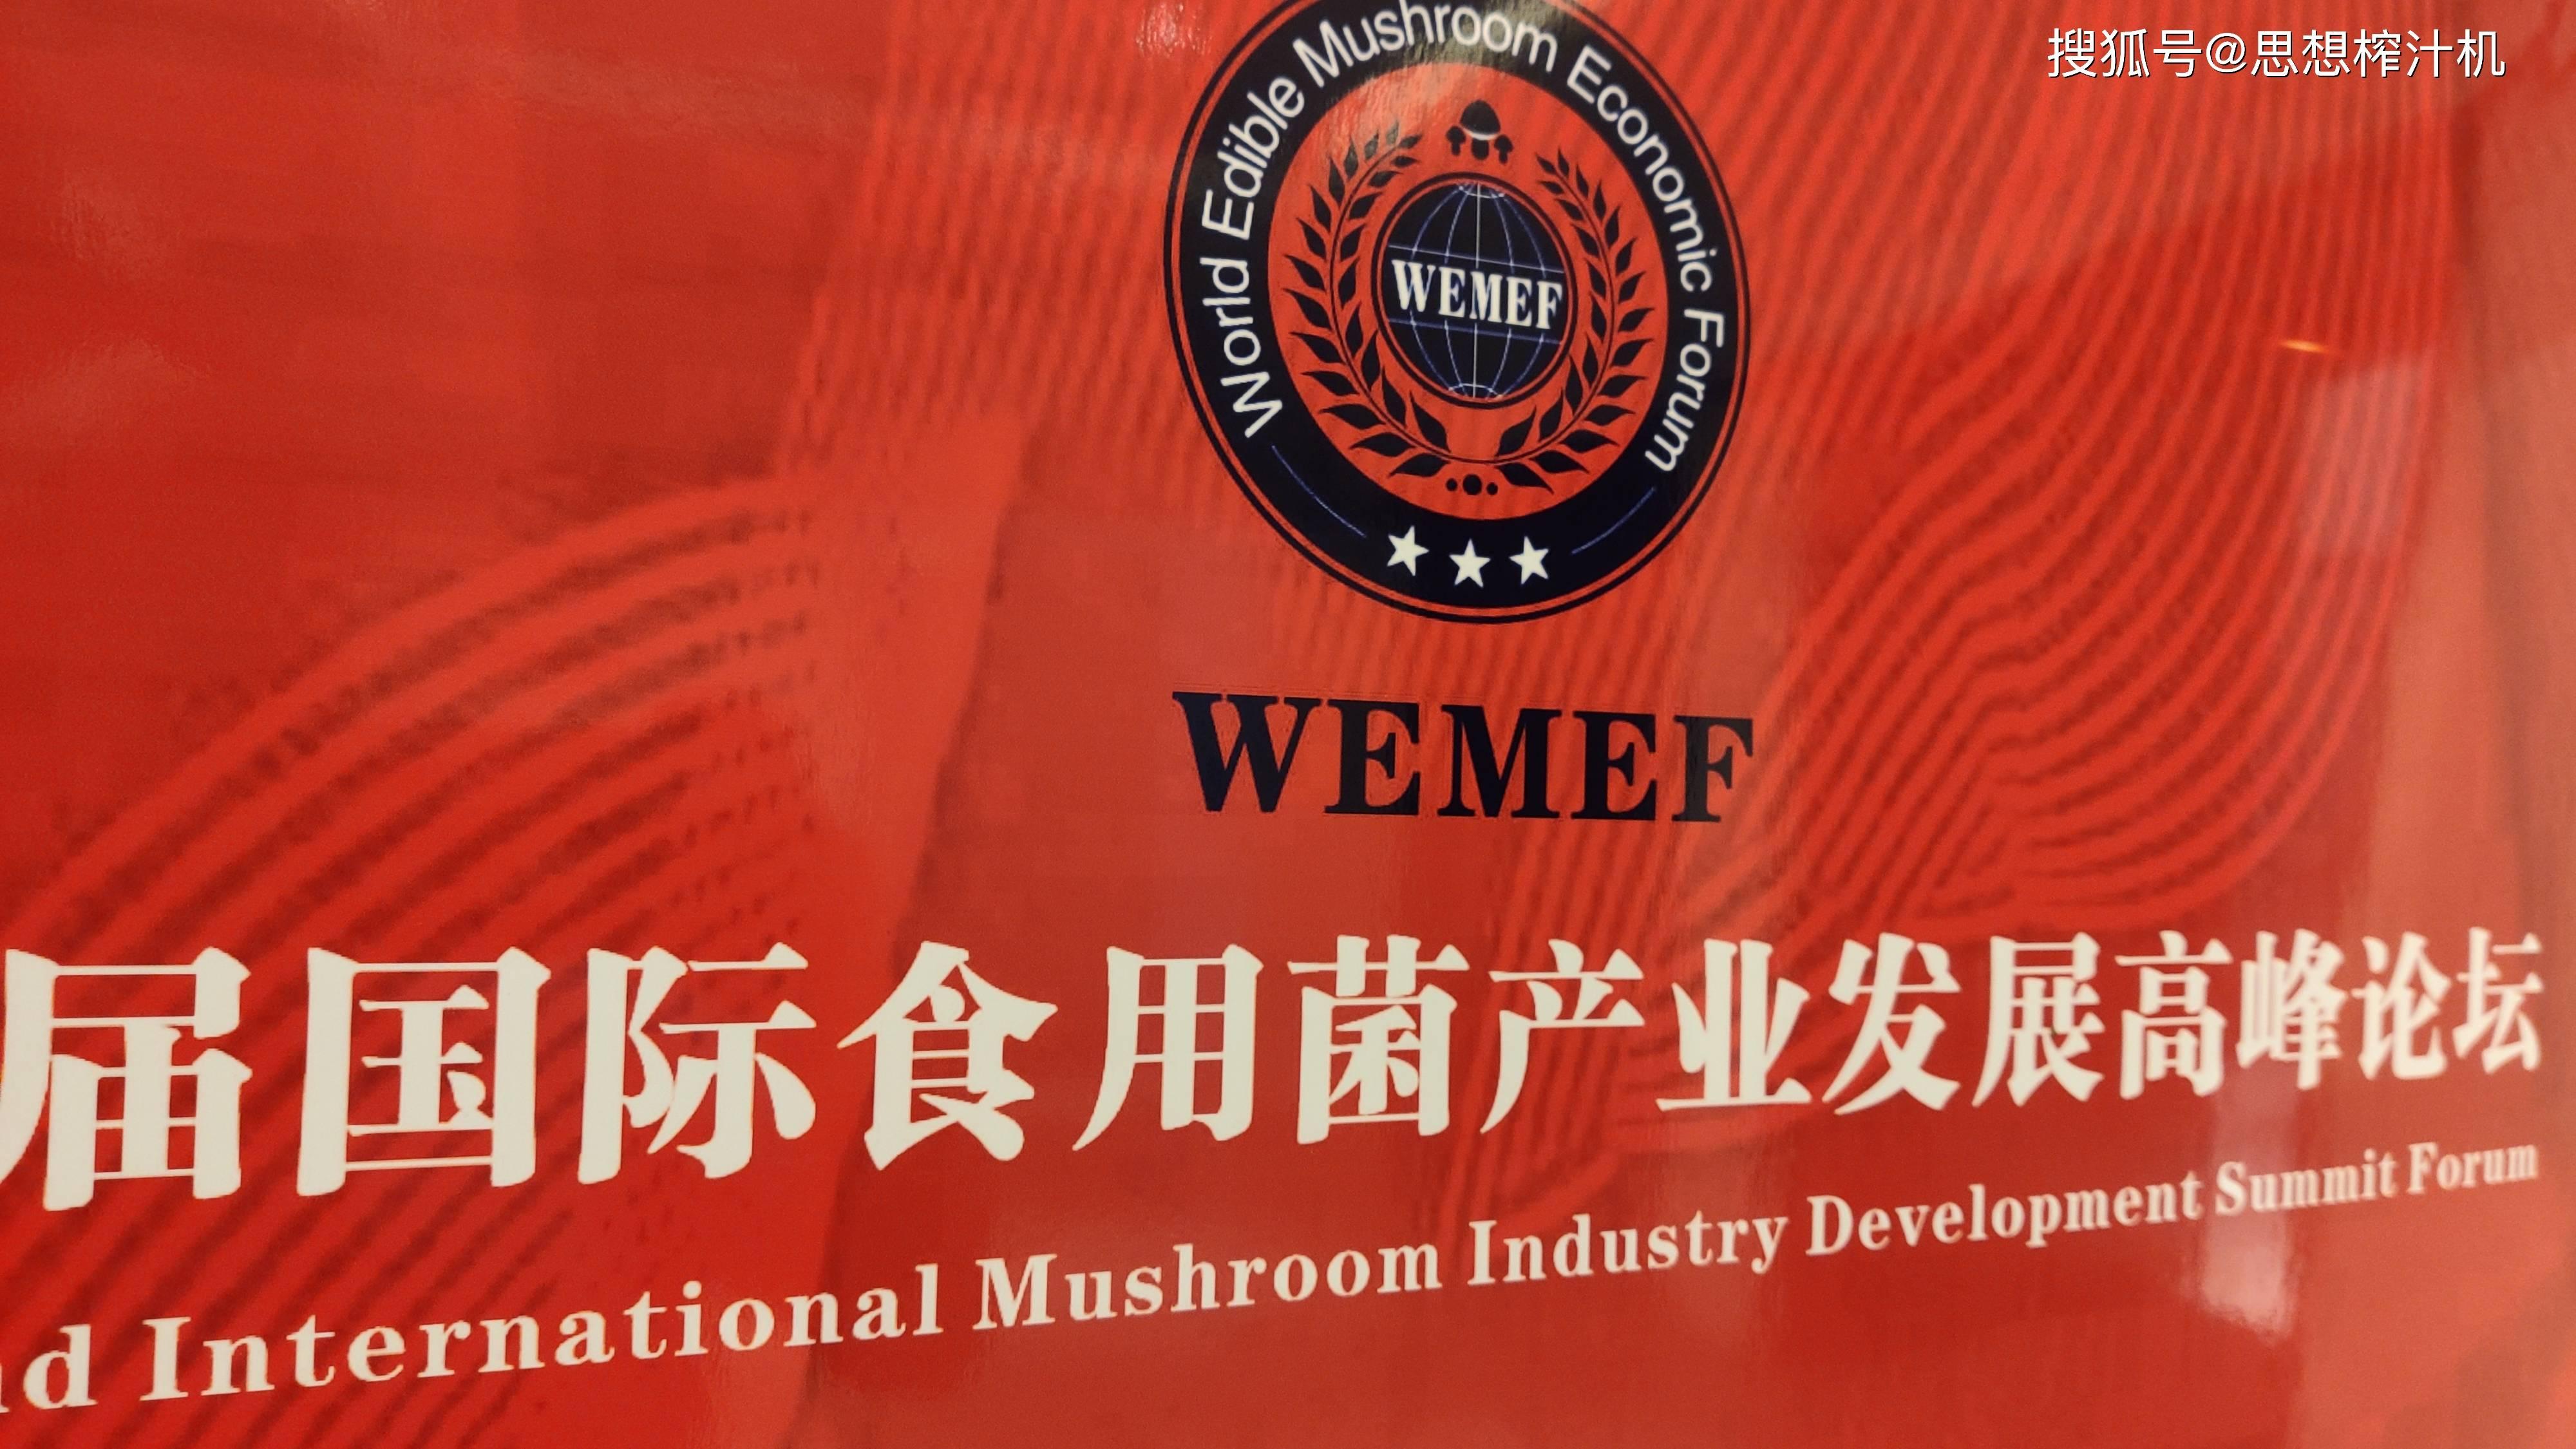 第二屆國際食用菌產業發展高峰論壇在河北廊坊市舉辦